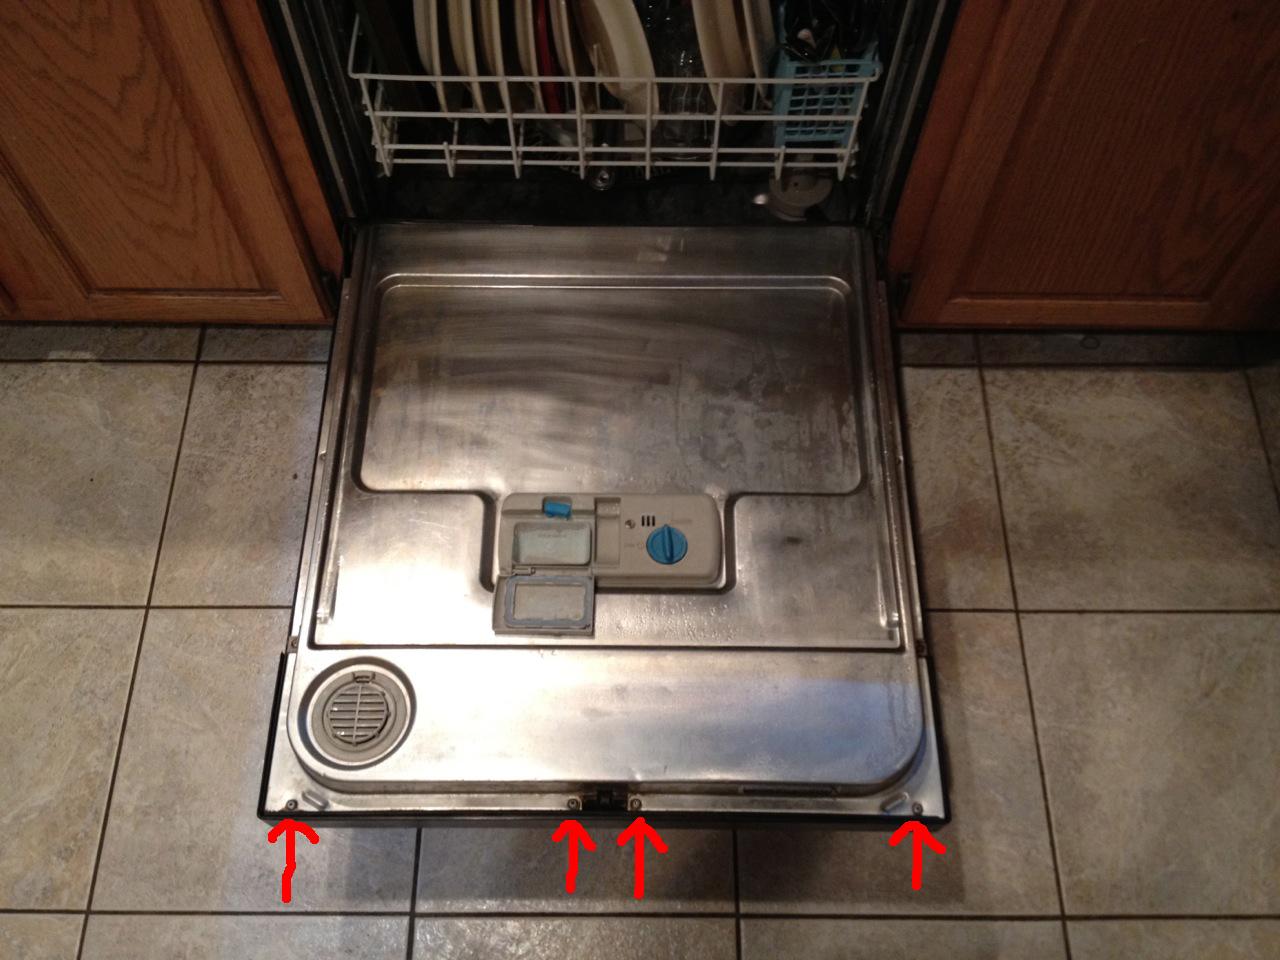 Kitchen Aid Dishwasher Repair Cutlery Door Will Not Open How To Fix Broken